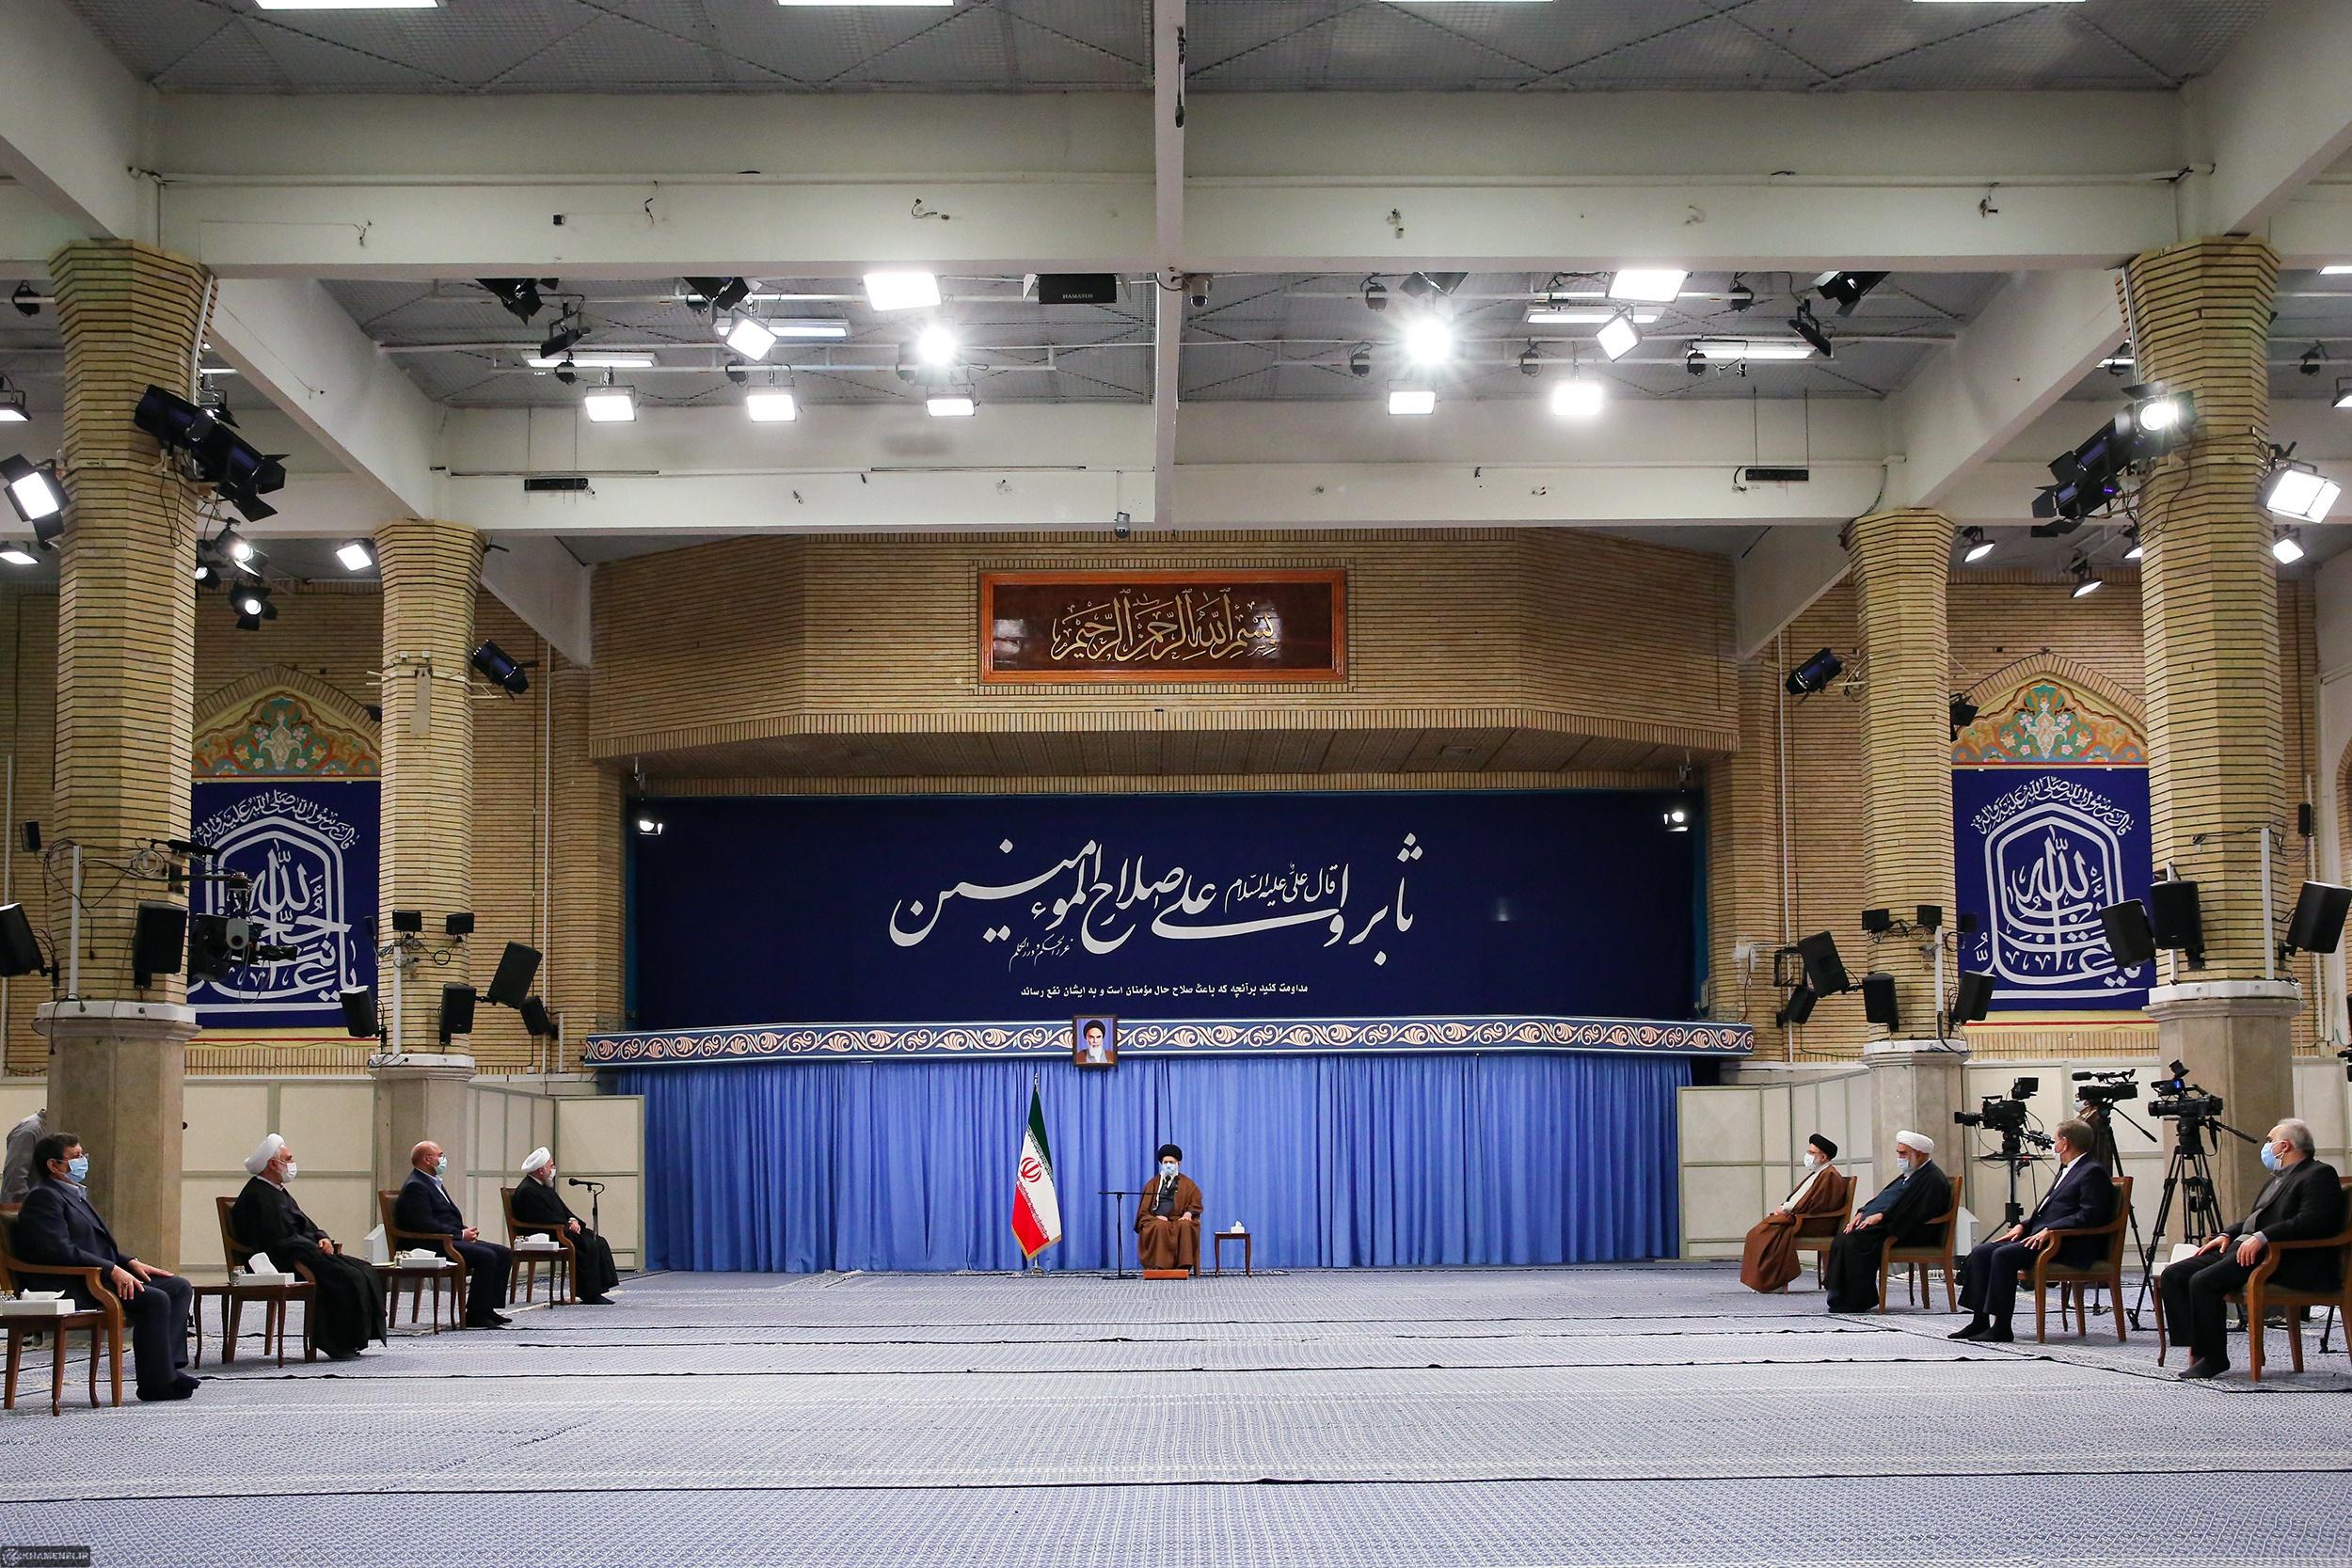 آغاز به کار مجدد جلسات شورای عالی هماهنگی اقتصادی بعد از دو ماه نا هماهنگی سران قوا